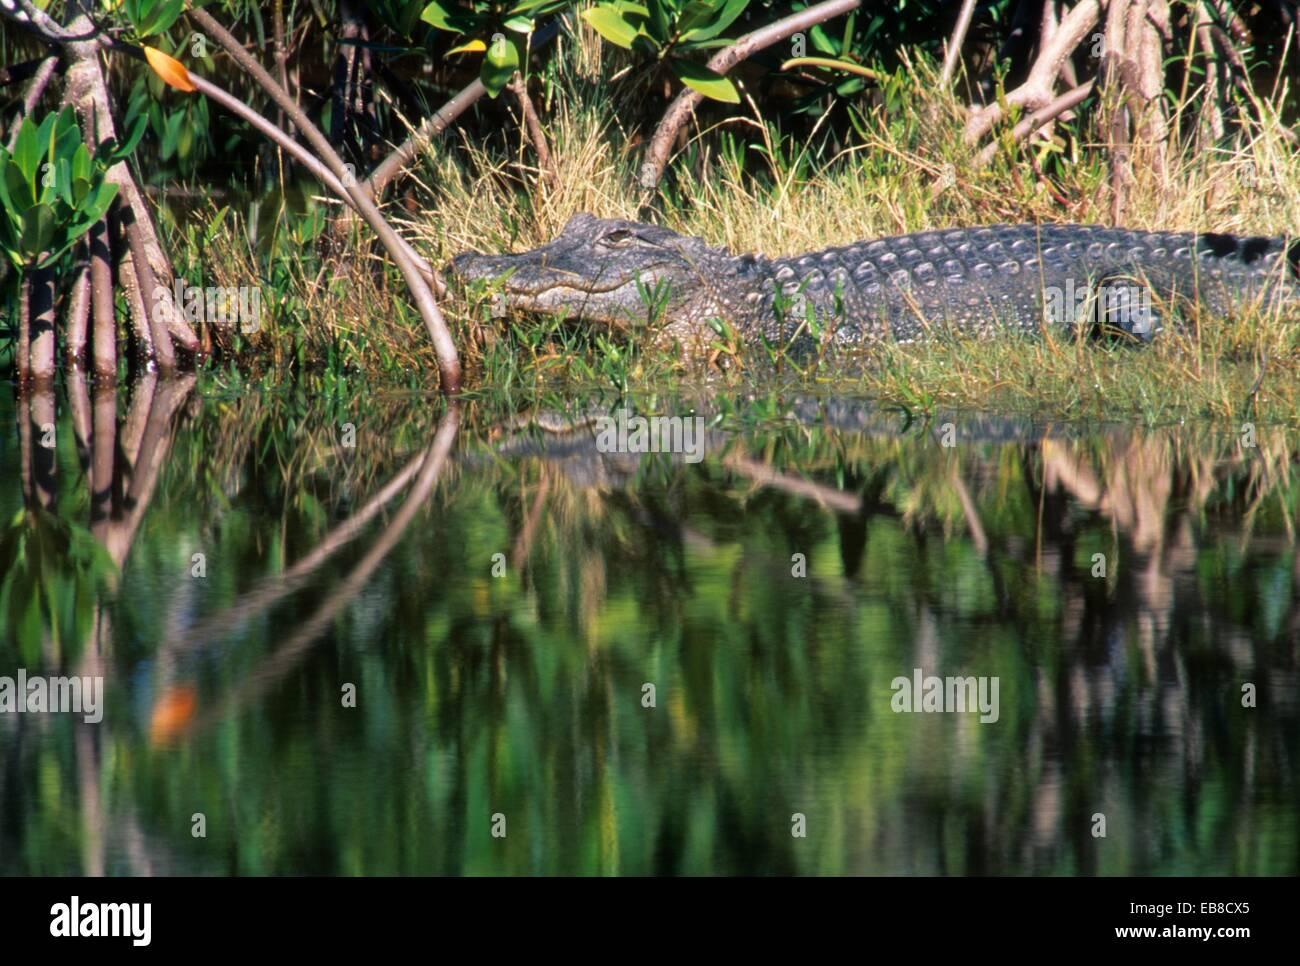 Alligator, JN Ding Darling National Wildlife Refuge, Florida. - Stock Image